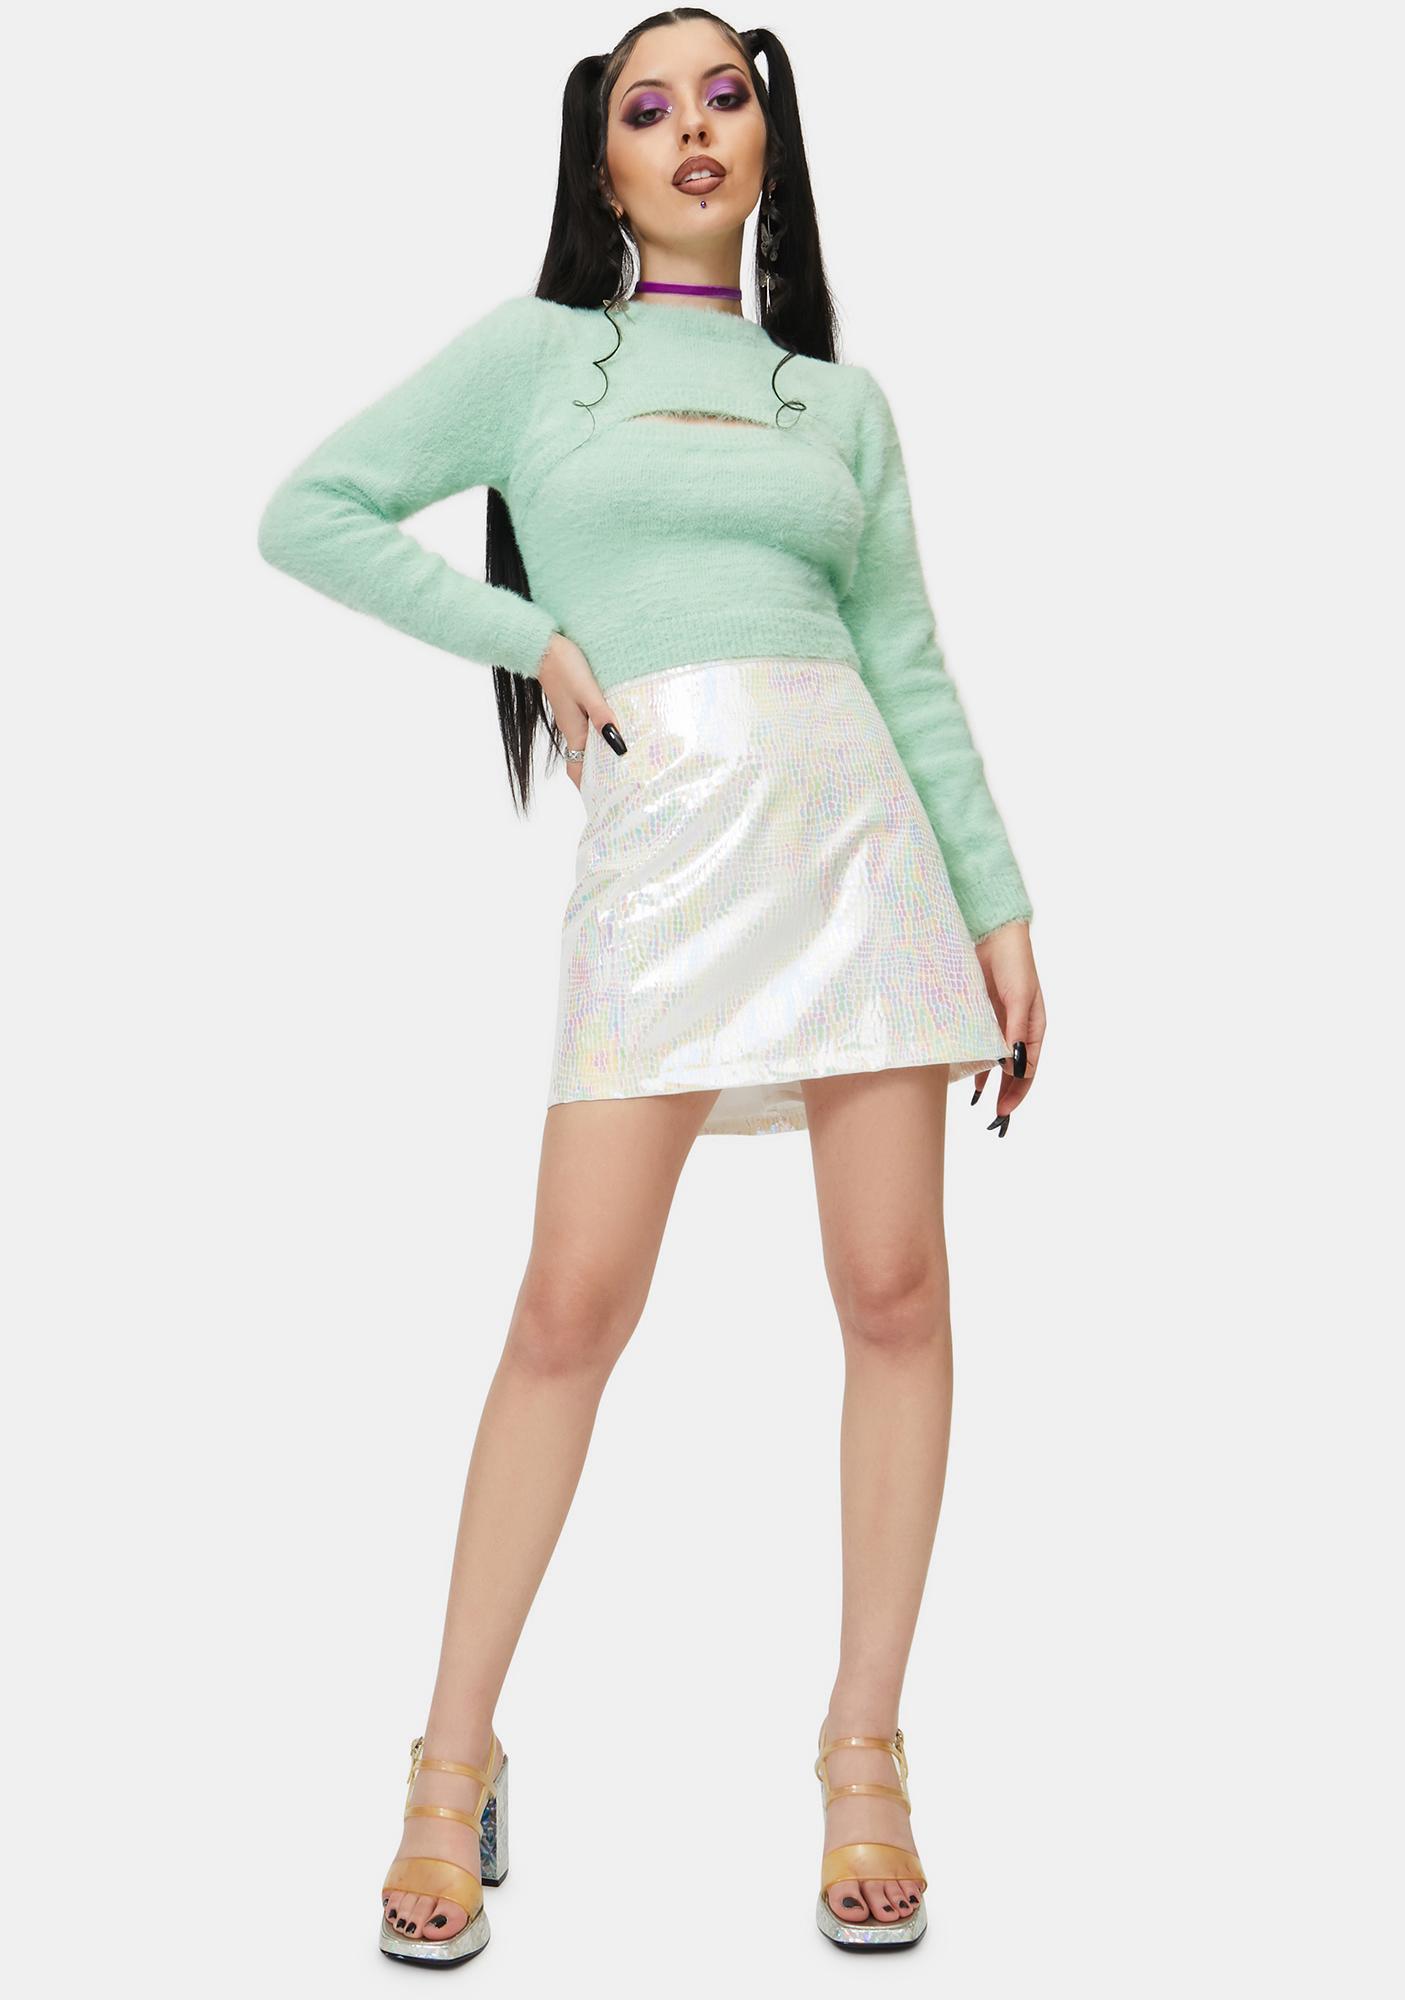 ZEMETA Soft Minty Crop Sweater